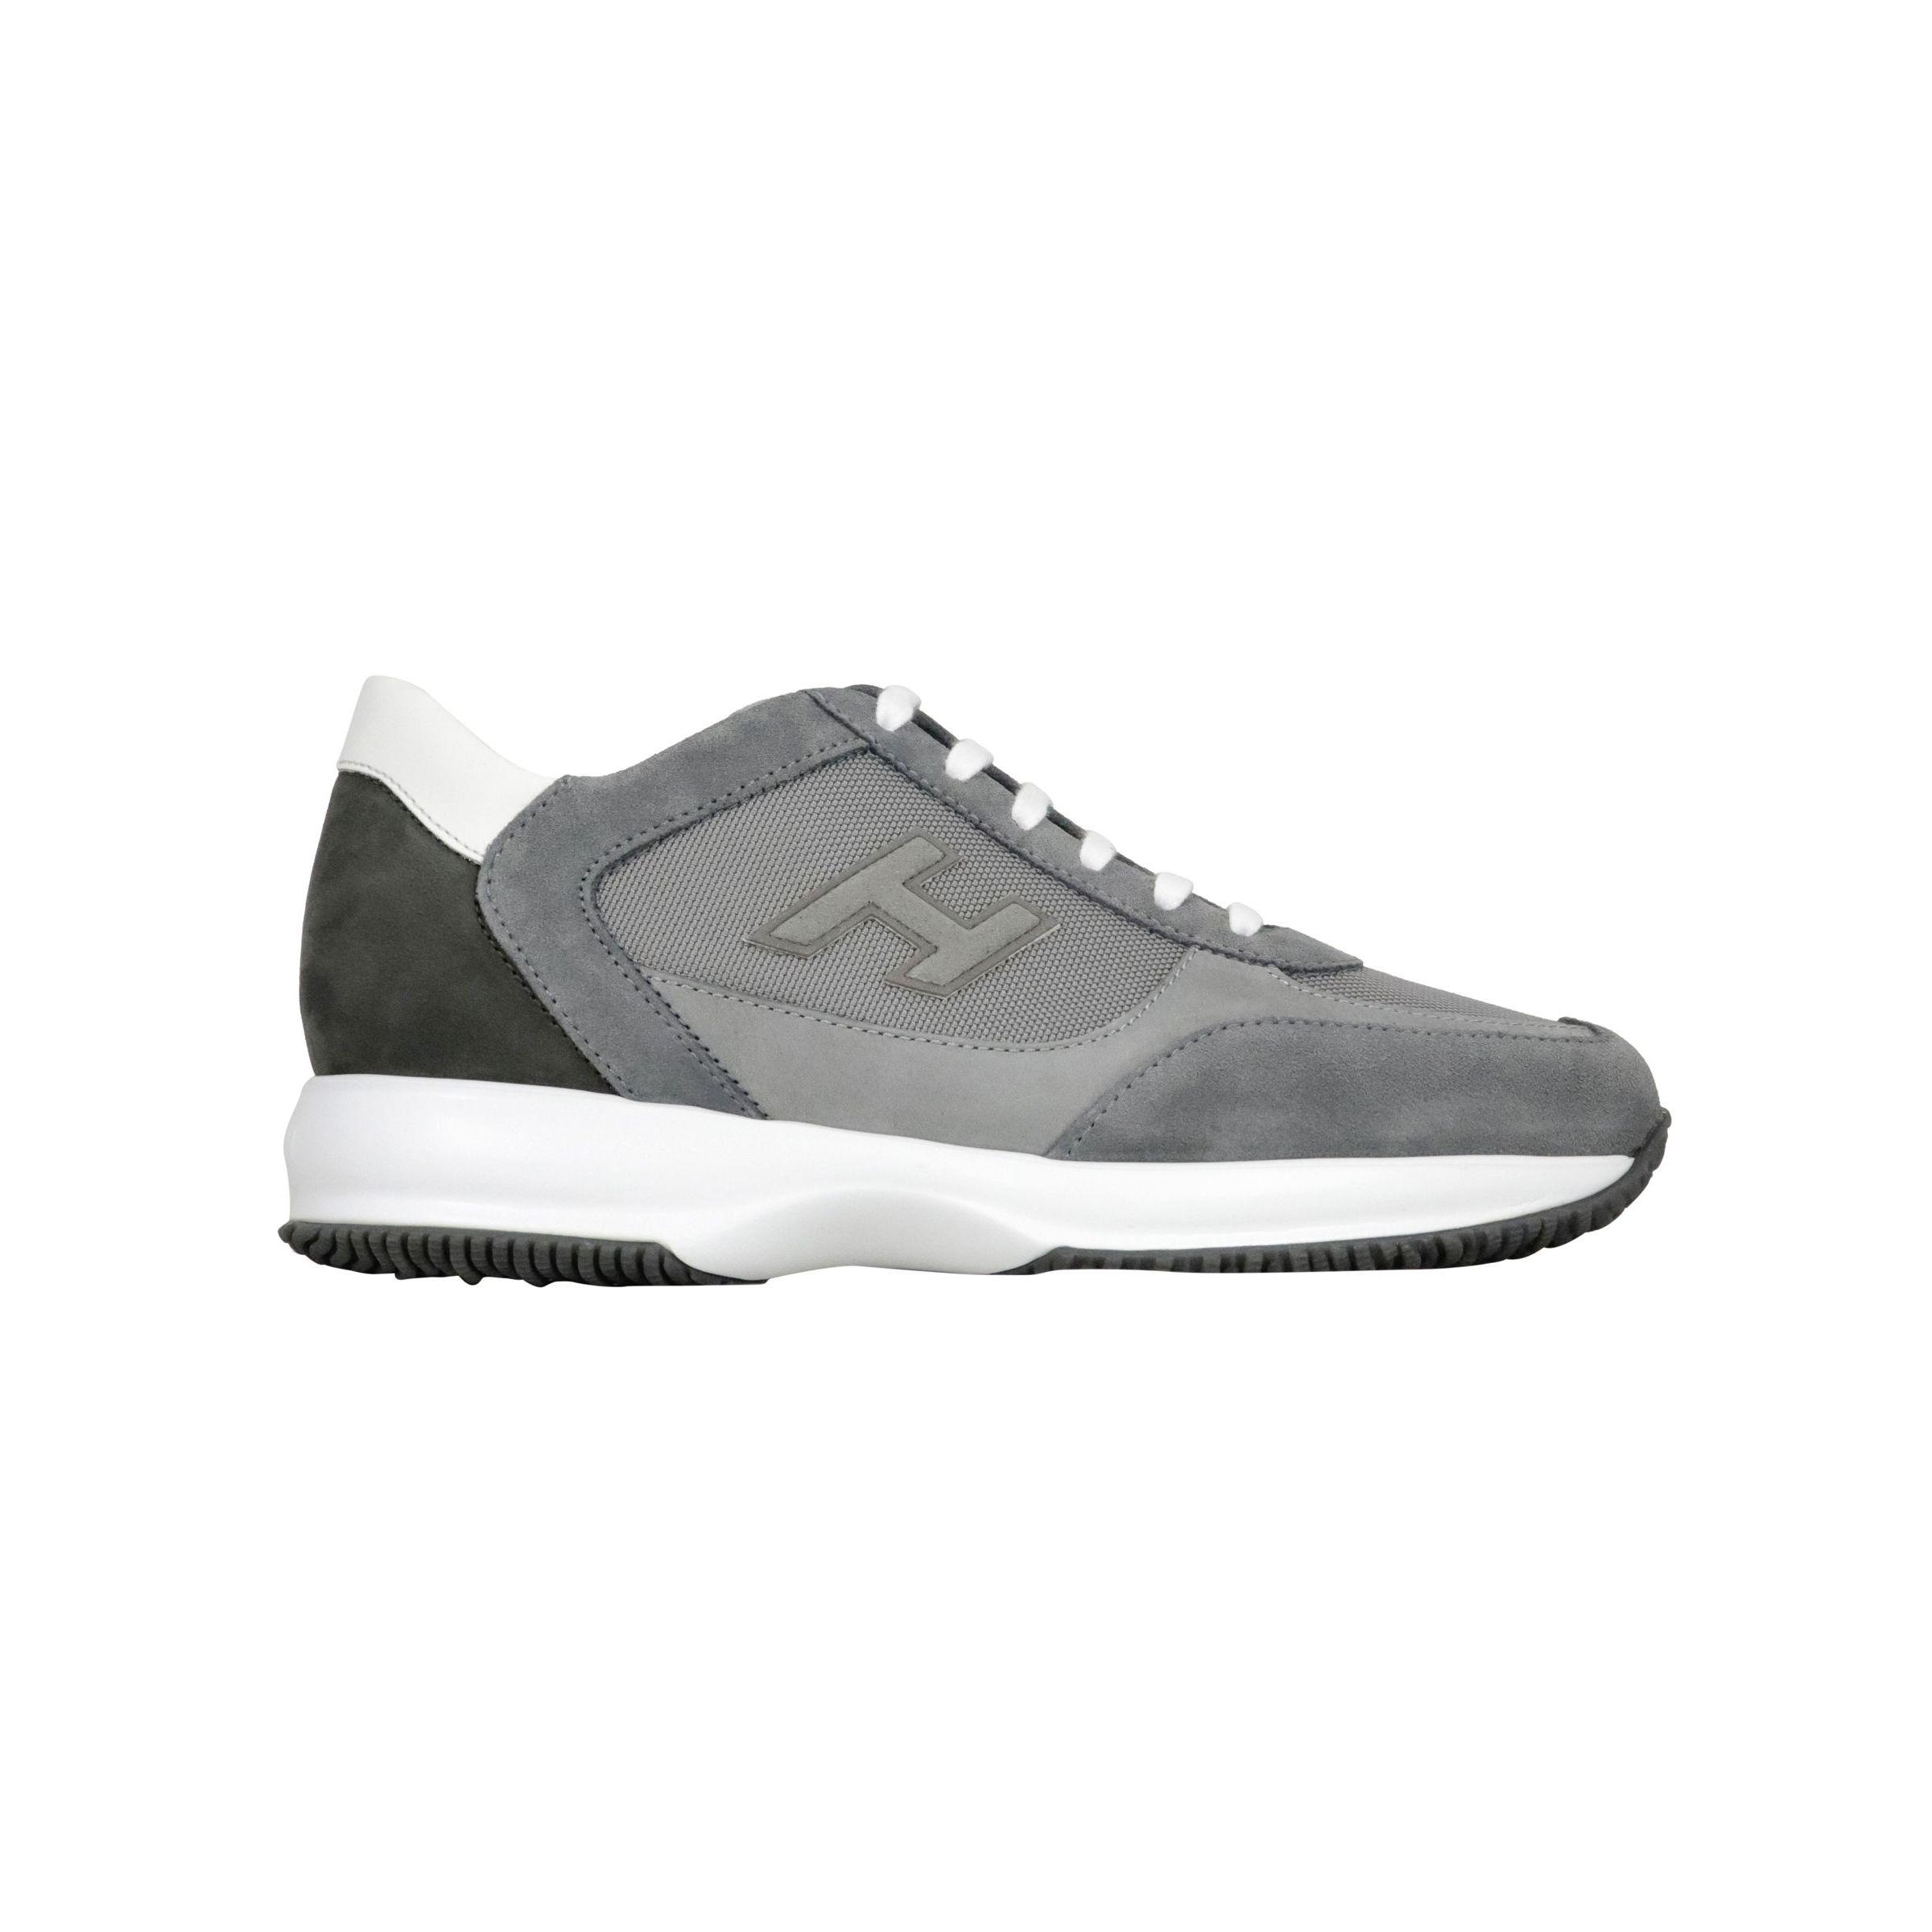 Sneakers Hogan Interactive bimateriale con H flock Grigio ...